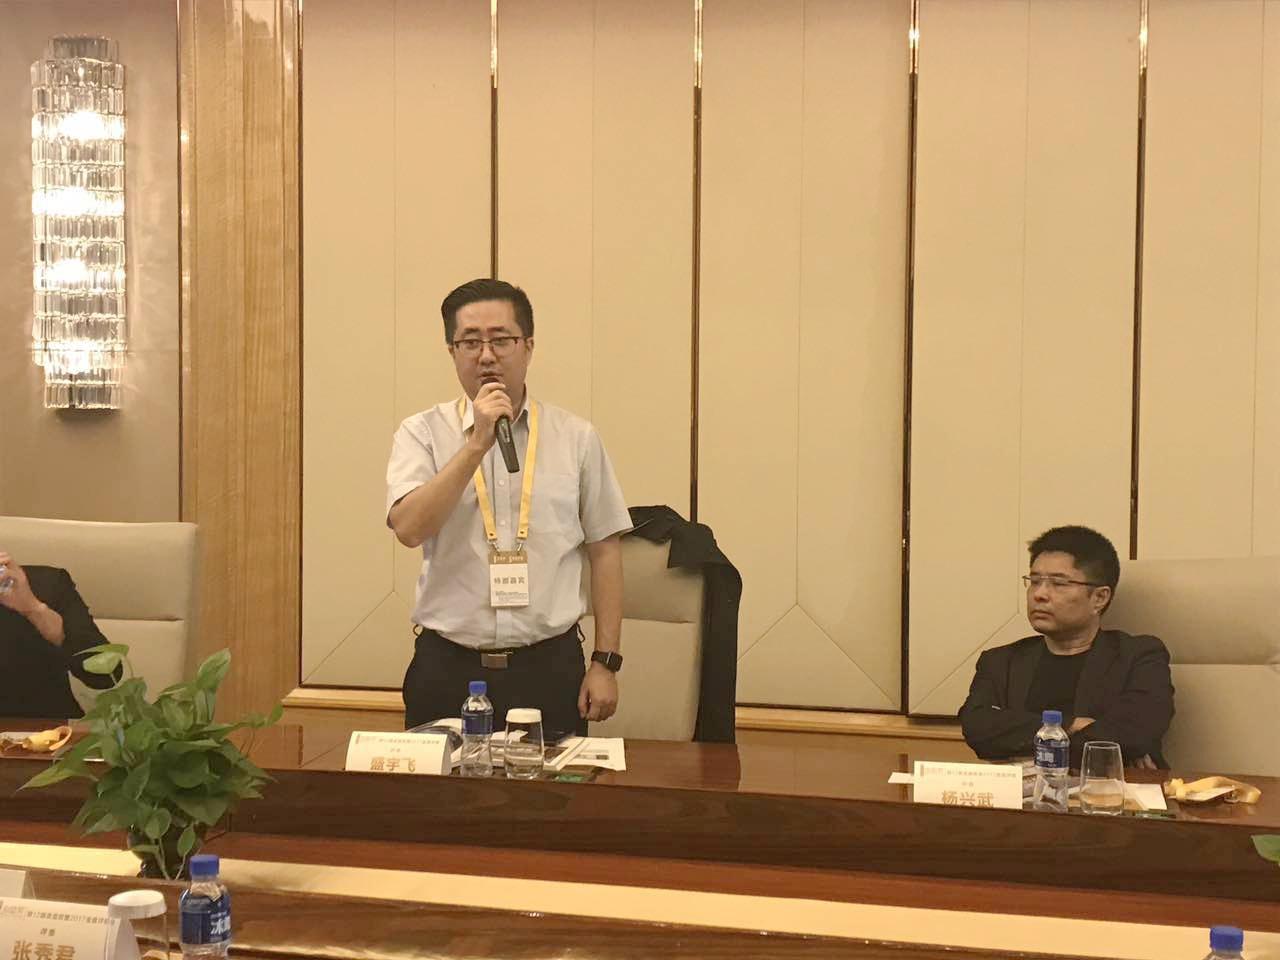 旭辉集团沈阳公司设计总监盛宇飞